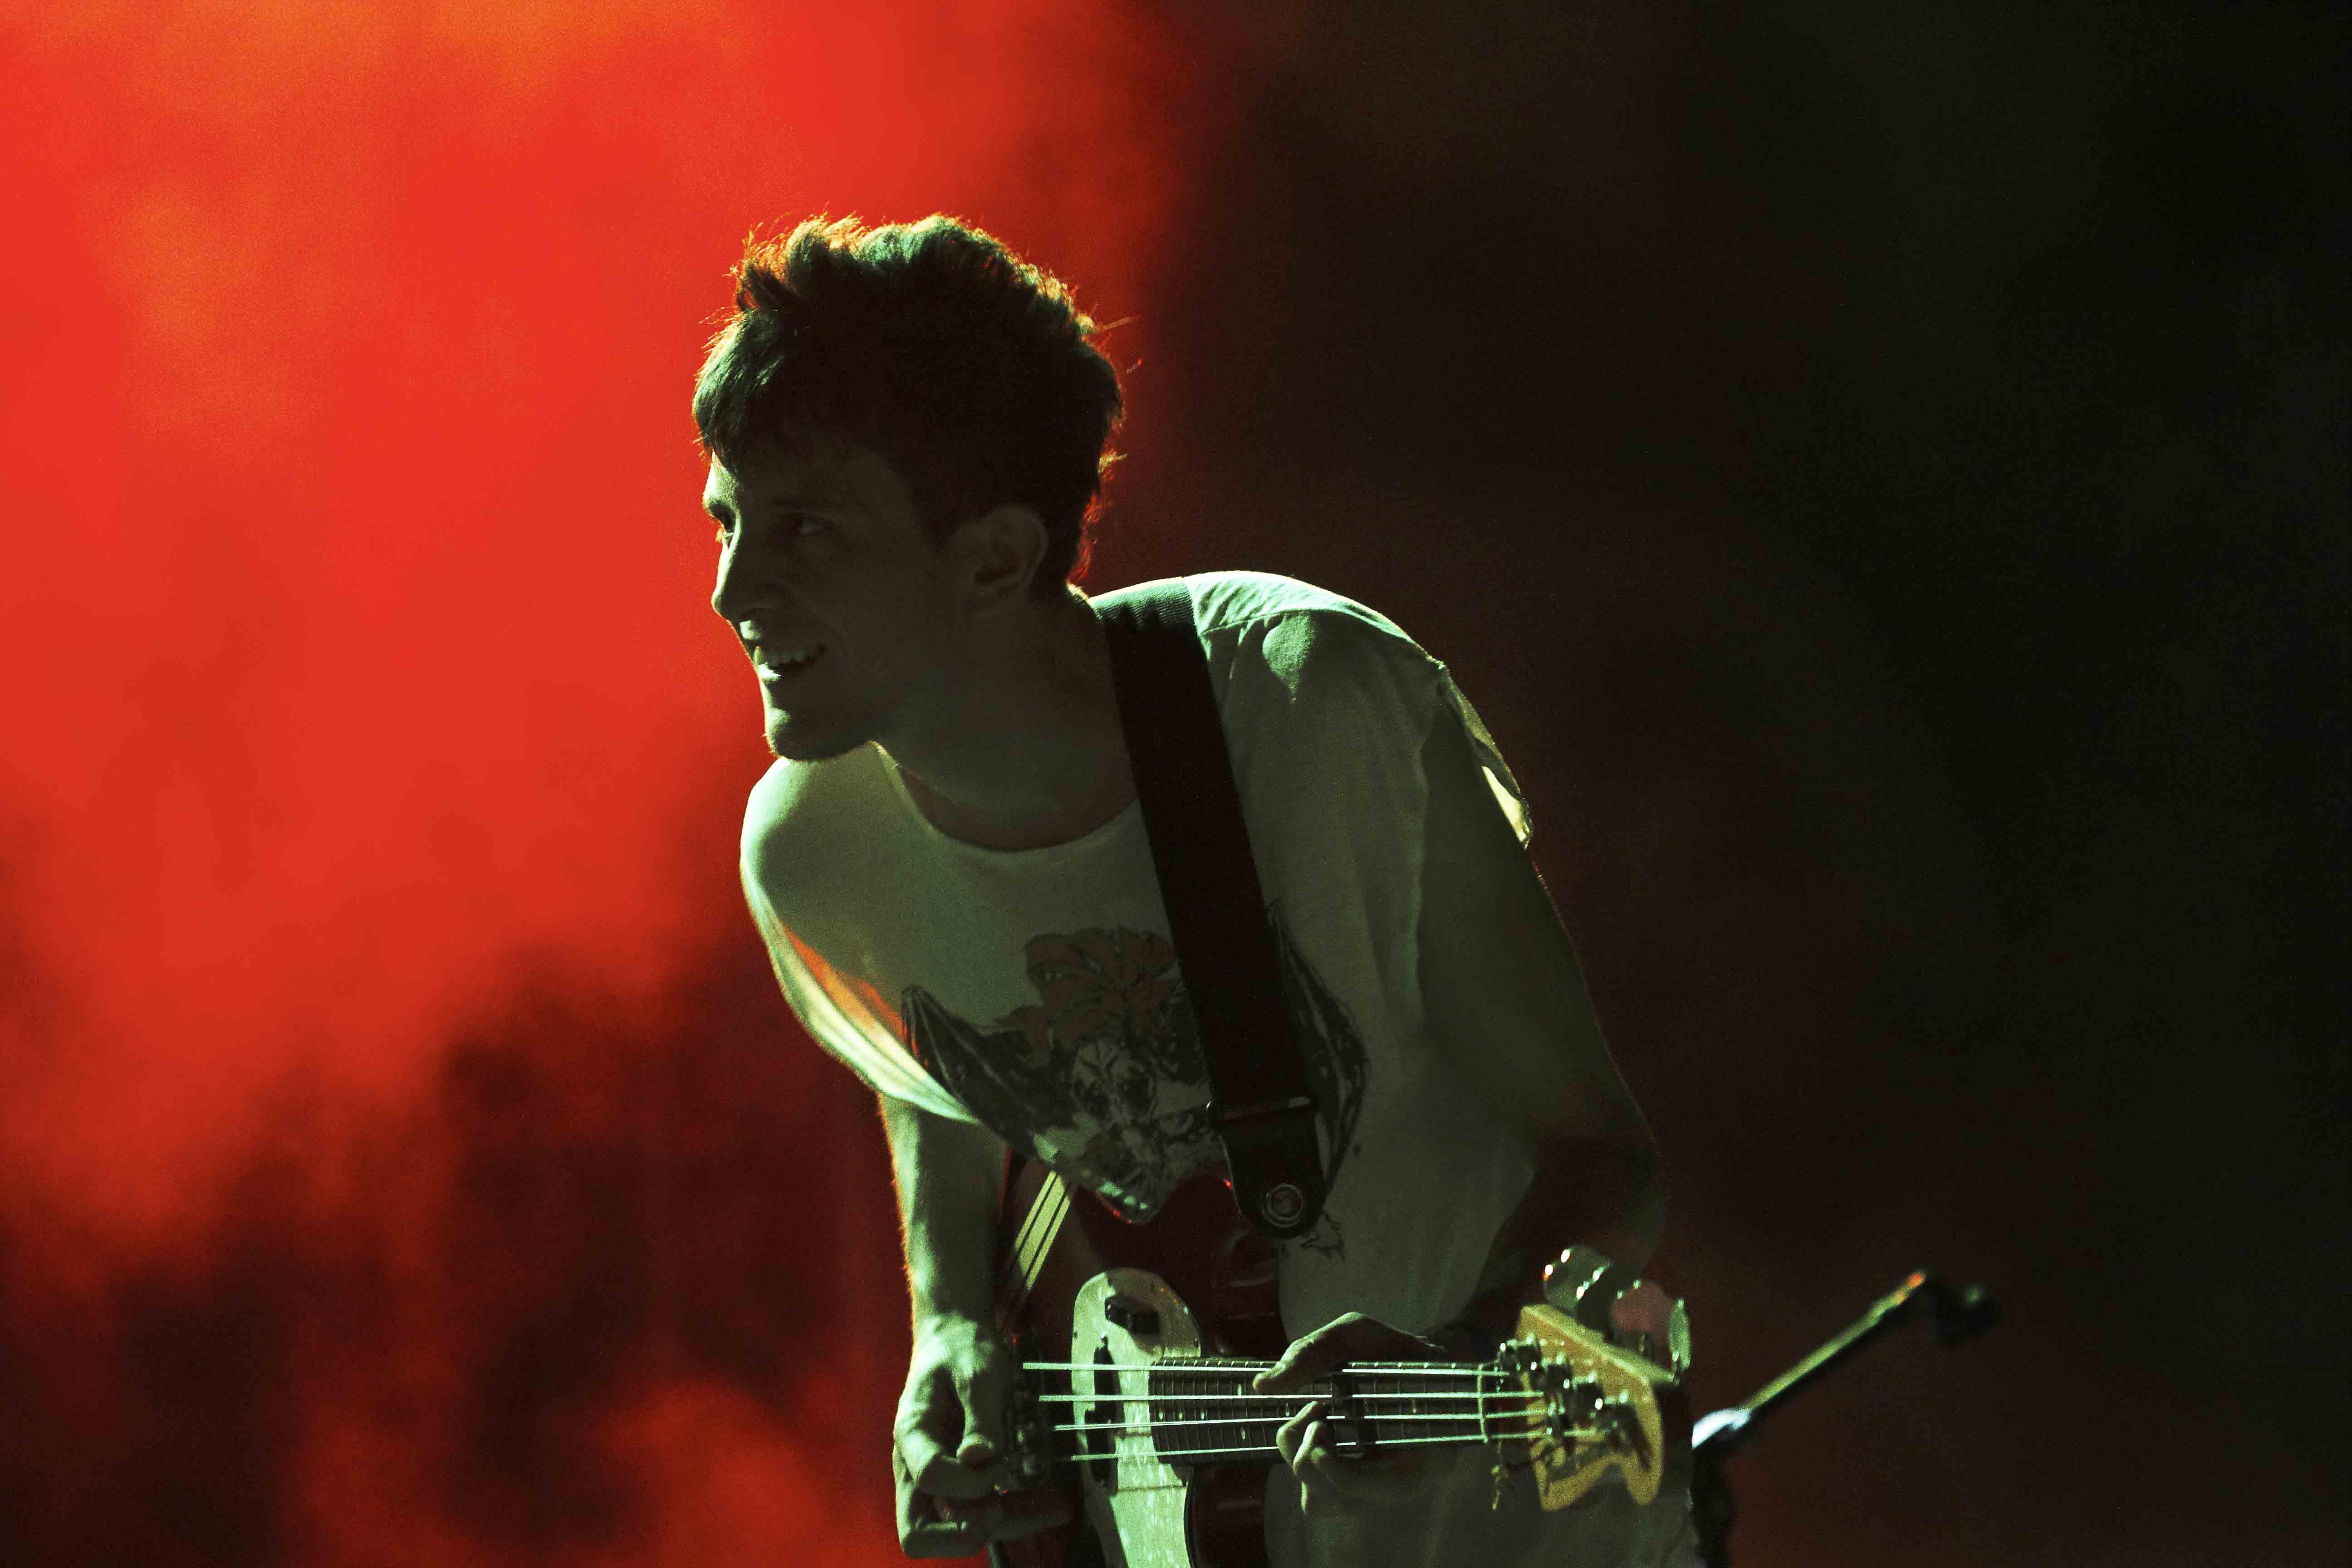 Cómo hacer fotografías de conciertos sin morir en el intento I (las dificultades)